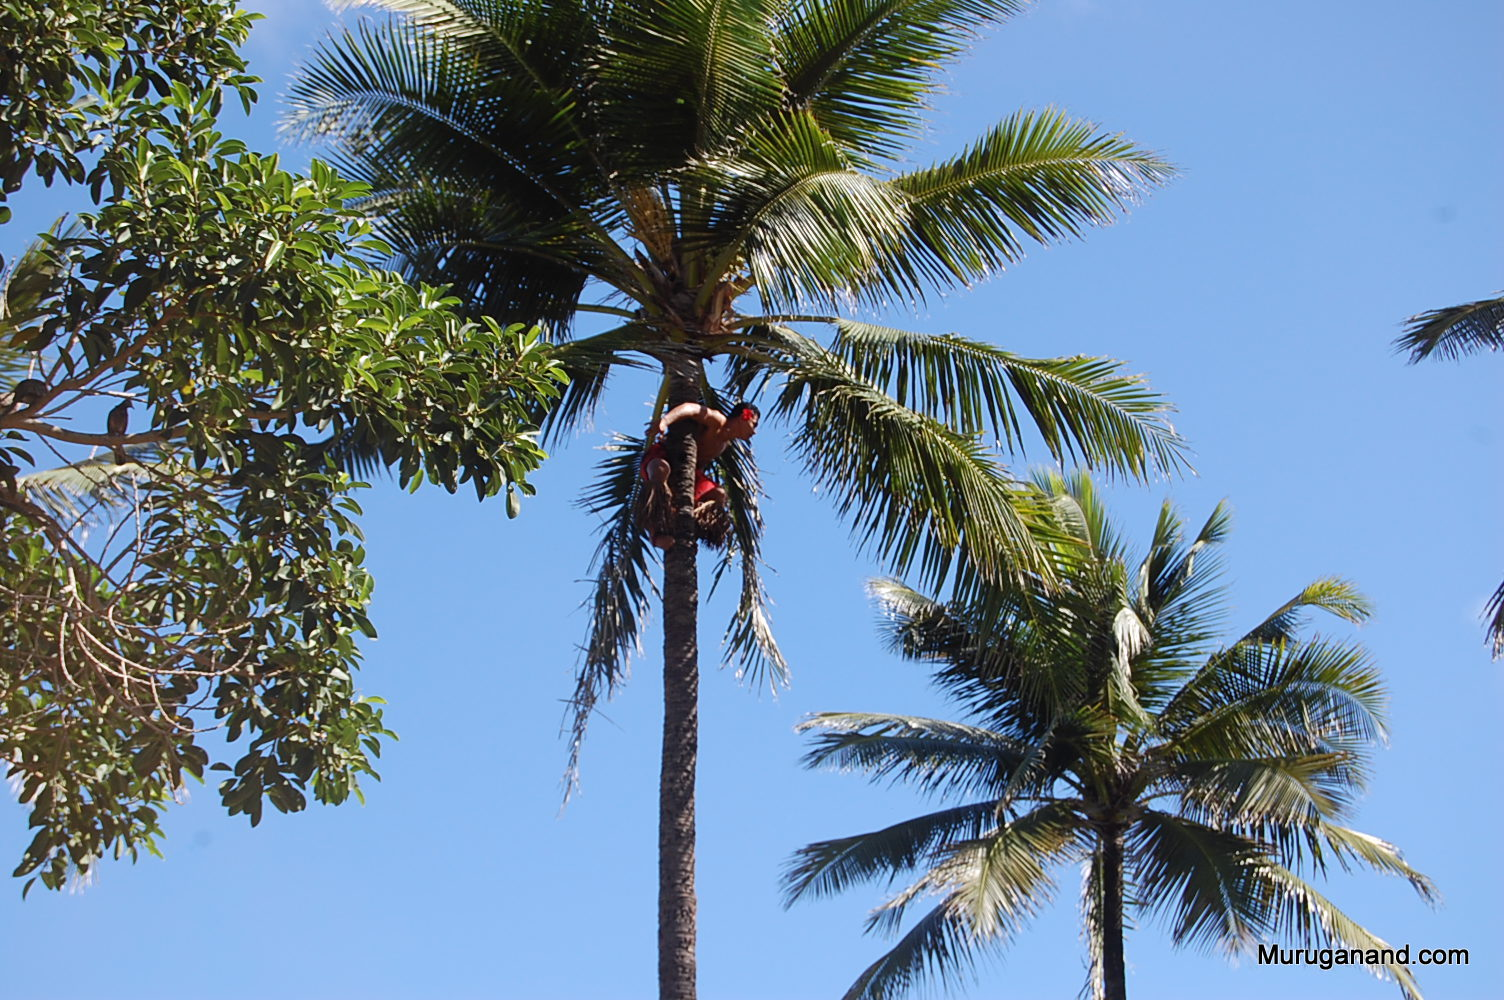 Pretending to jump to the next tree (O'ahu)